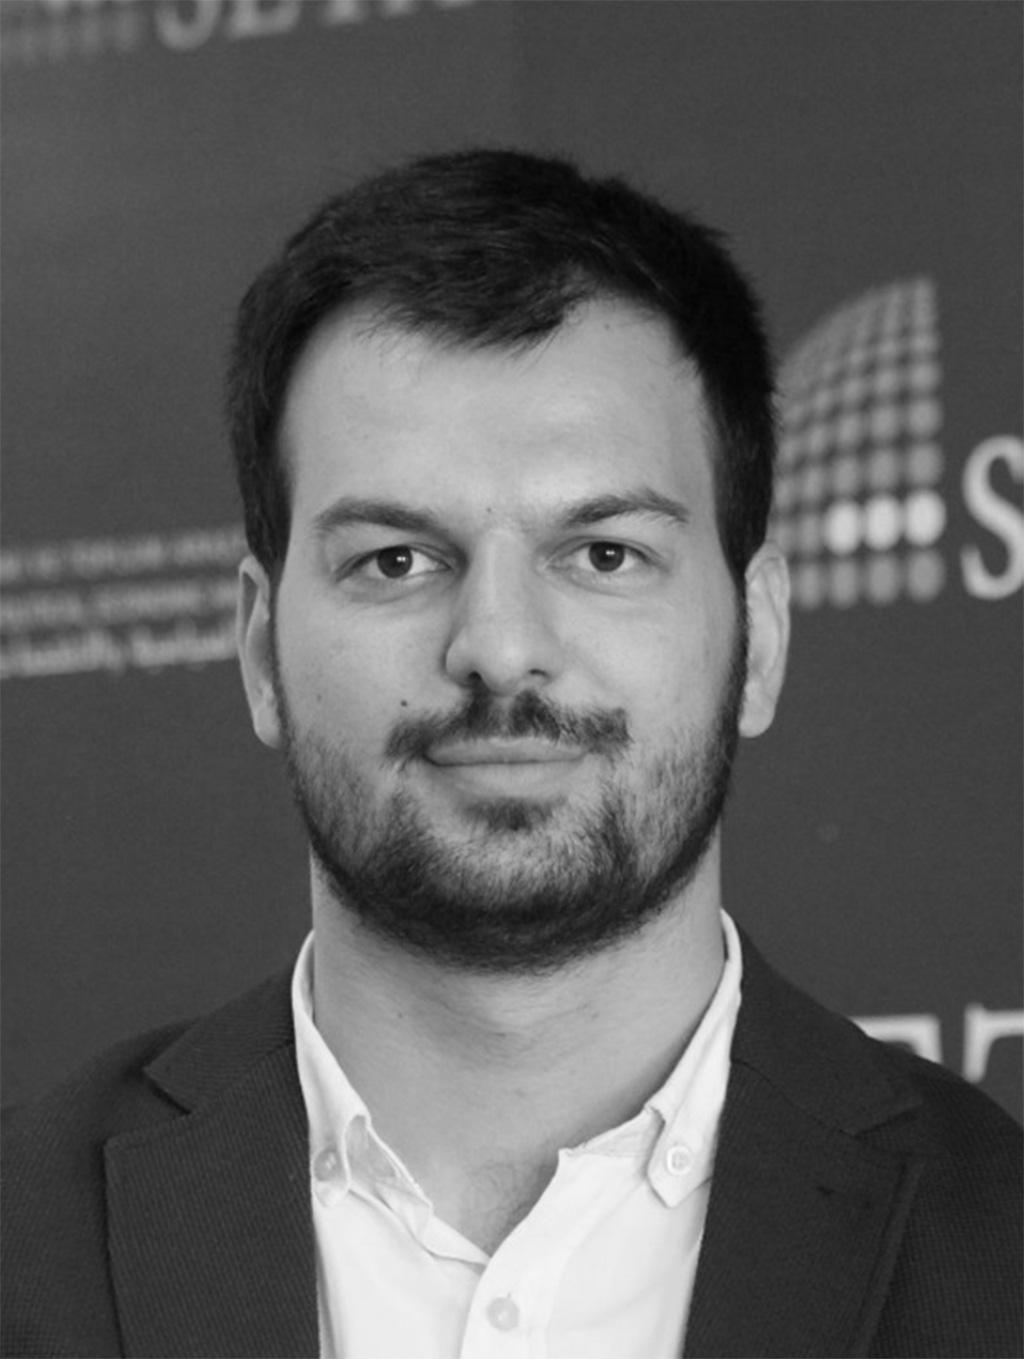 Mustafa Altunel